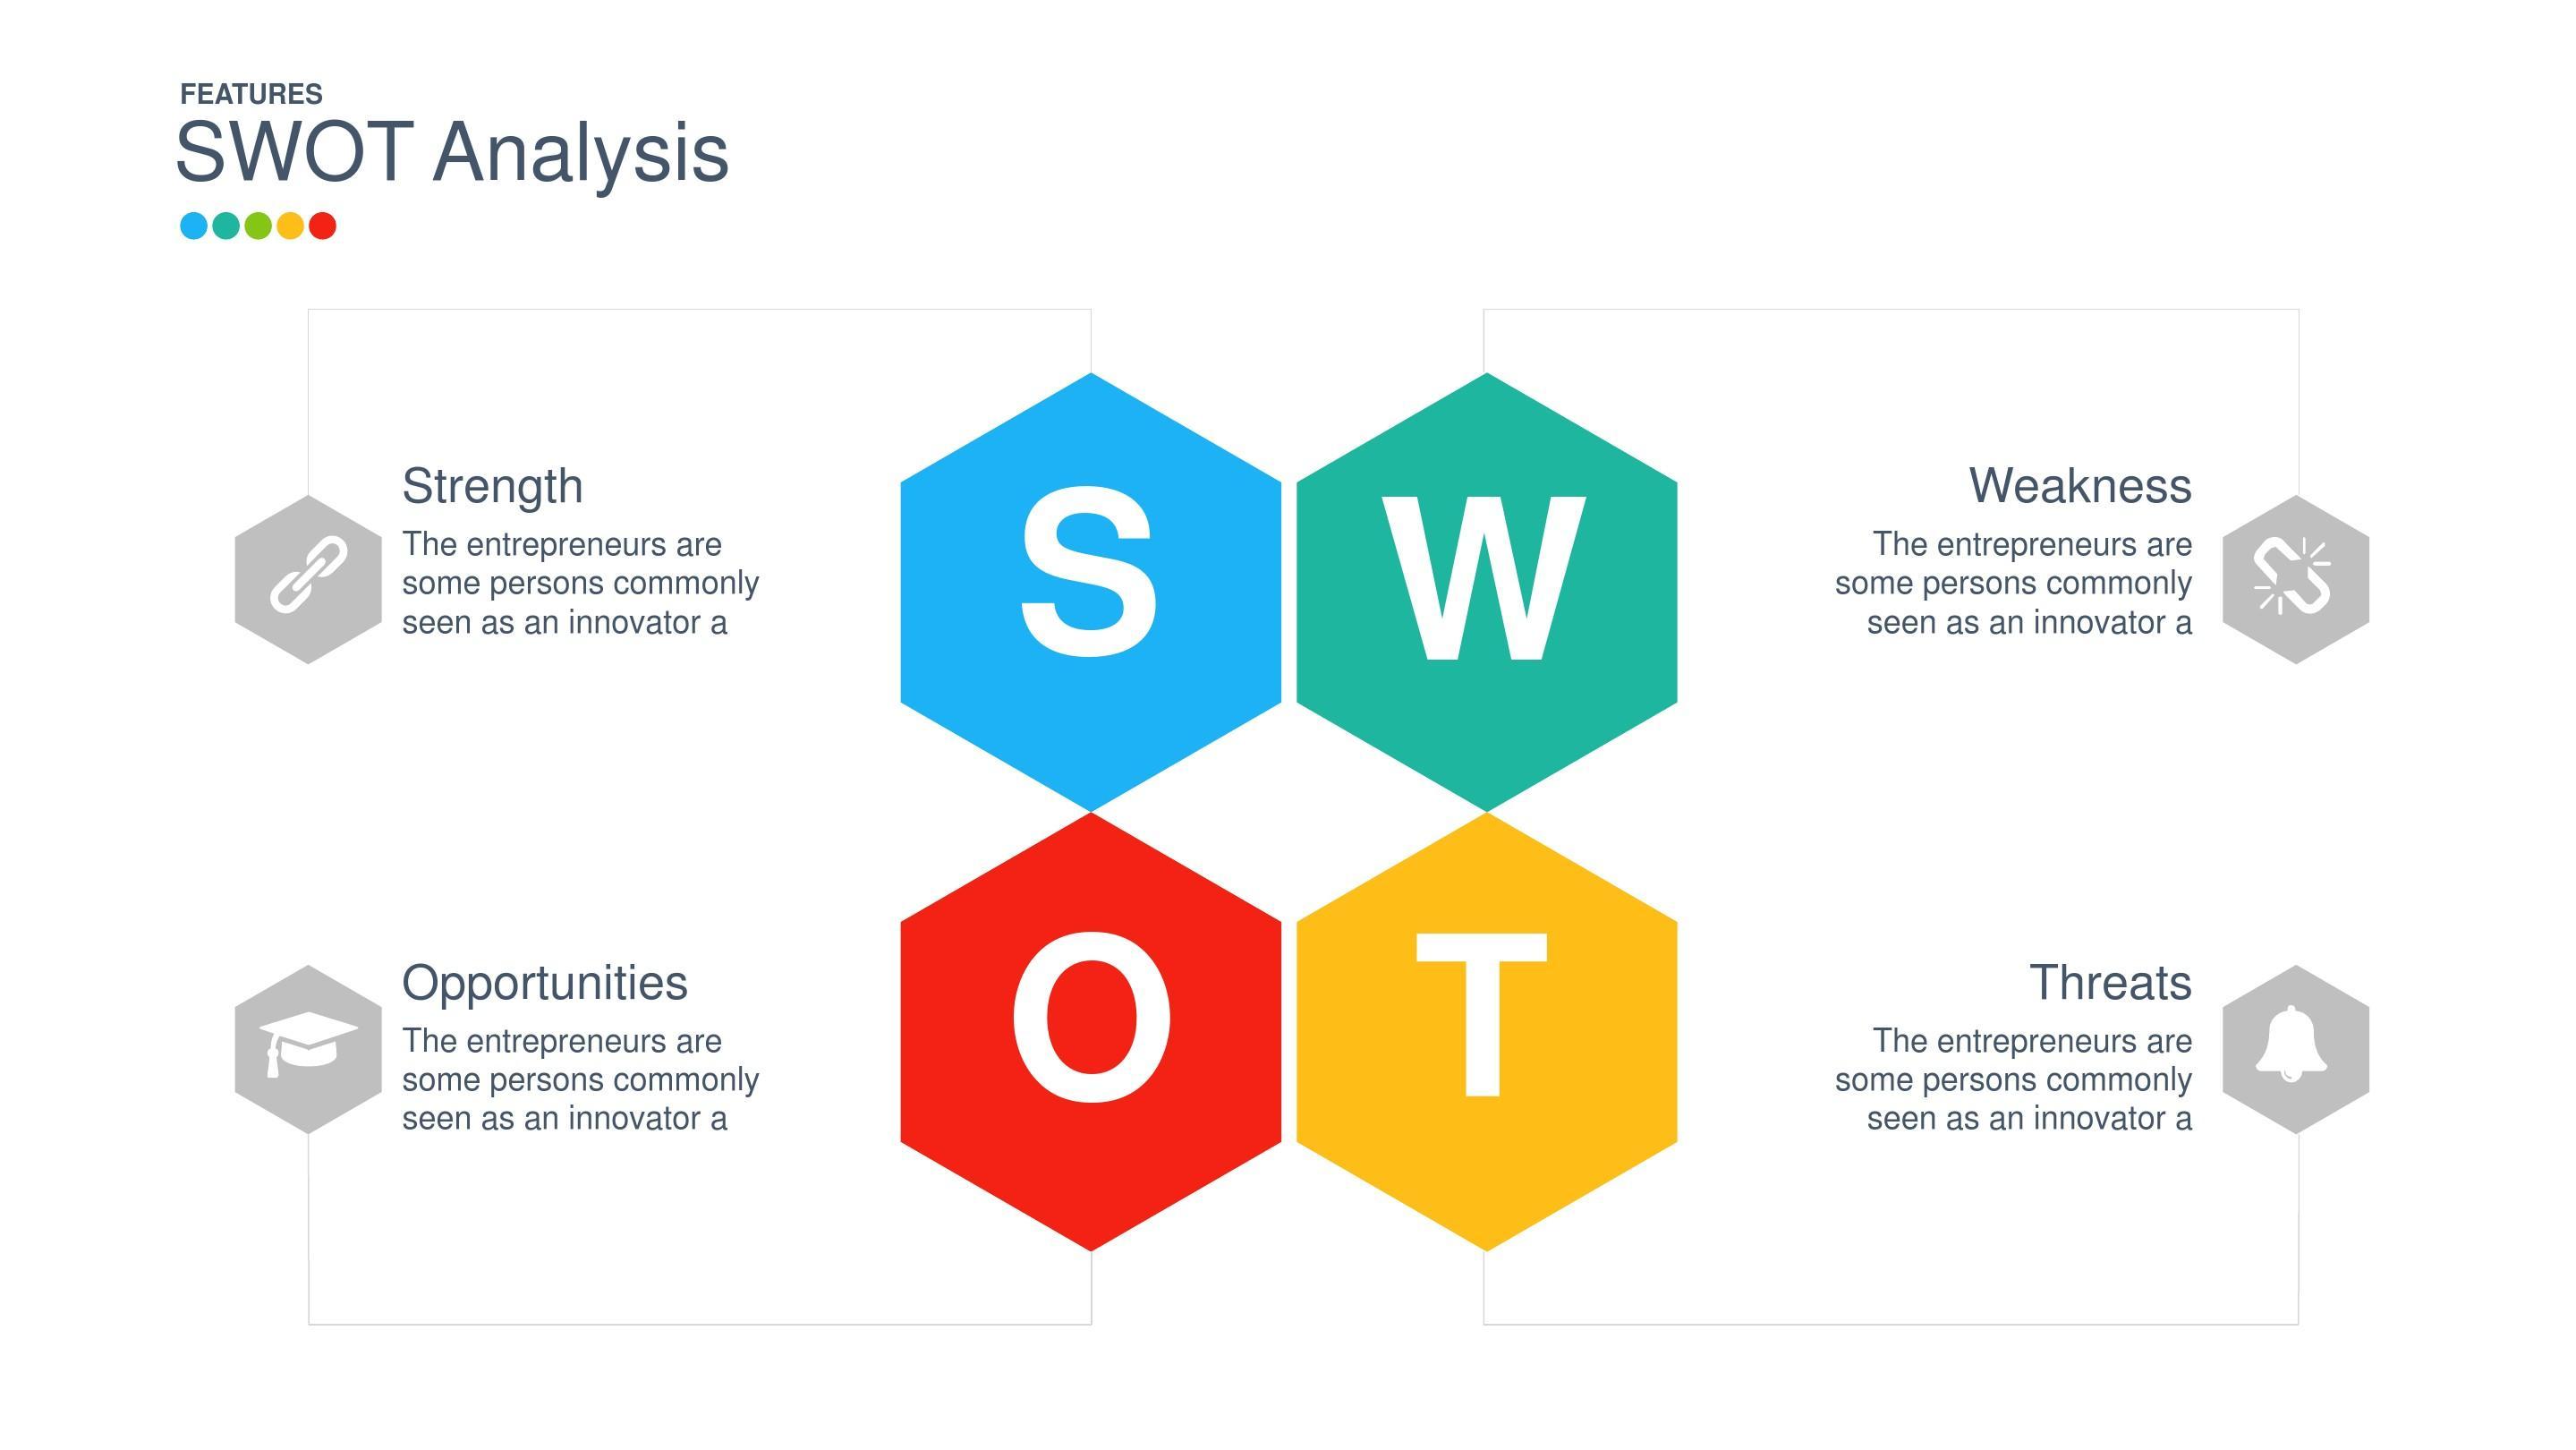 大学生swot分析范文_六边蜂窝形SWOT分析PPT素材_word文档在线阅读与下载_免费文档